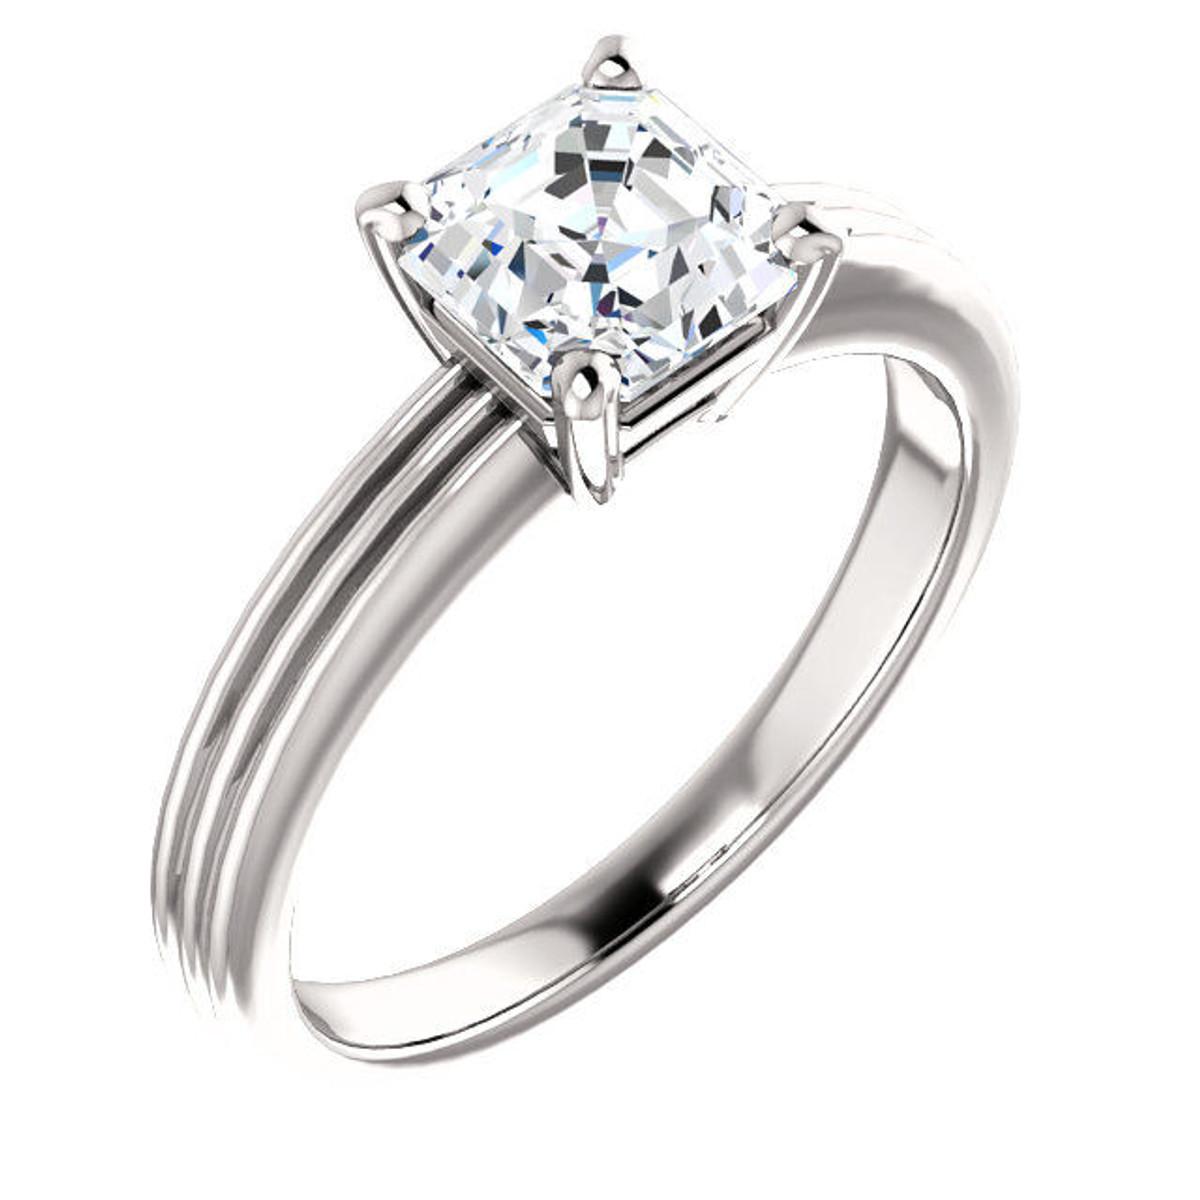 14Kt White Gold Solitaire Asscher Cut Diamond Engagement Ring